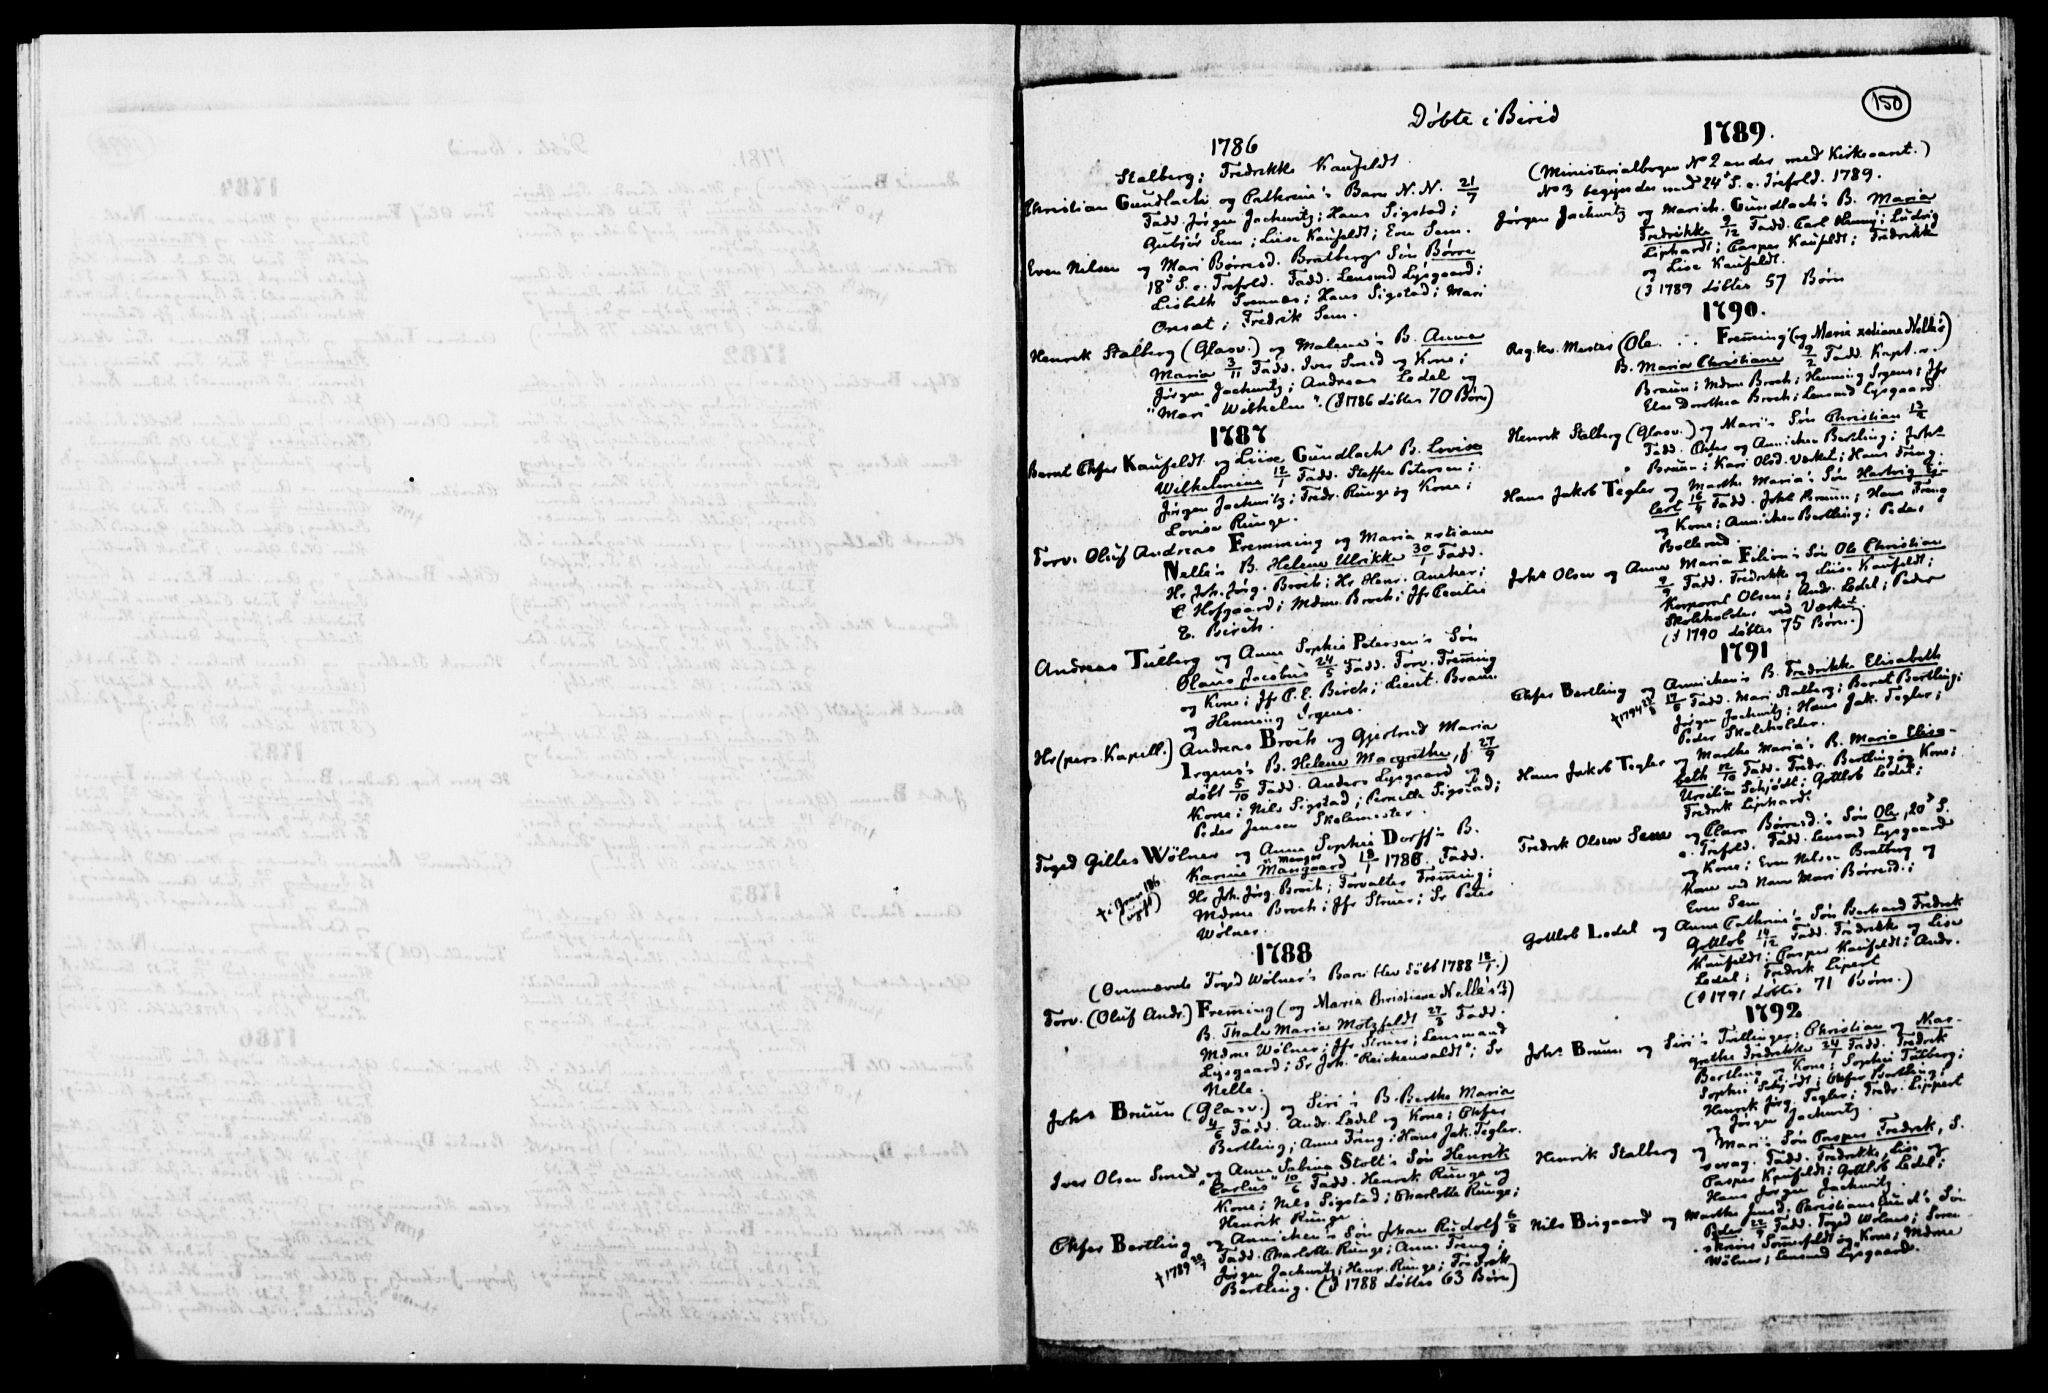 SAH, Biri prestekontor, Ministerialbok, 1730-1879, s. 150